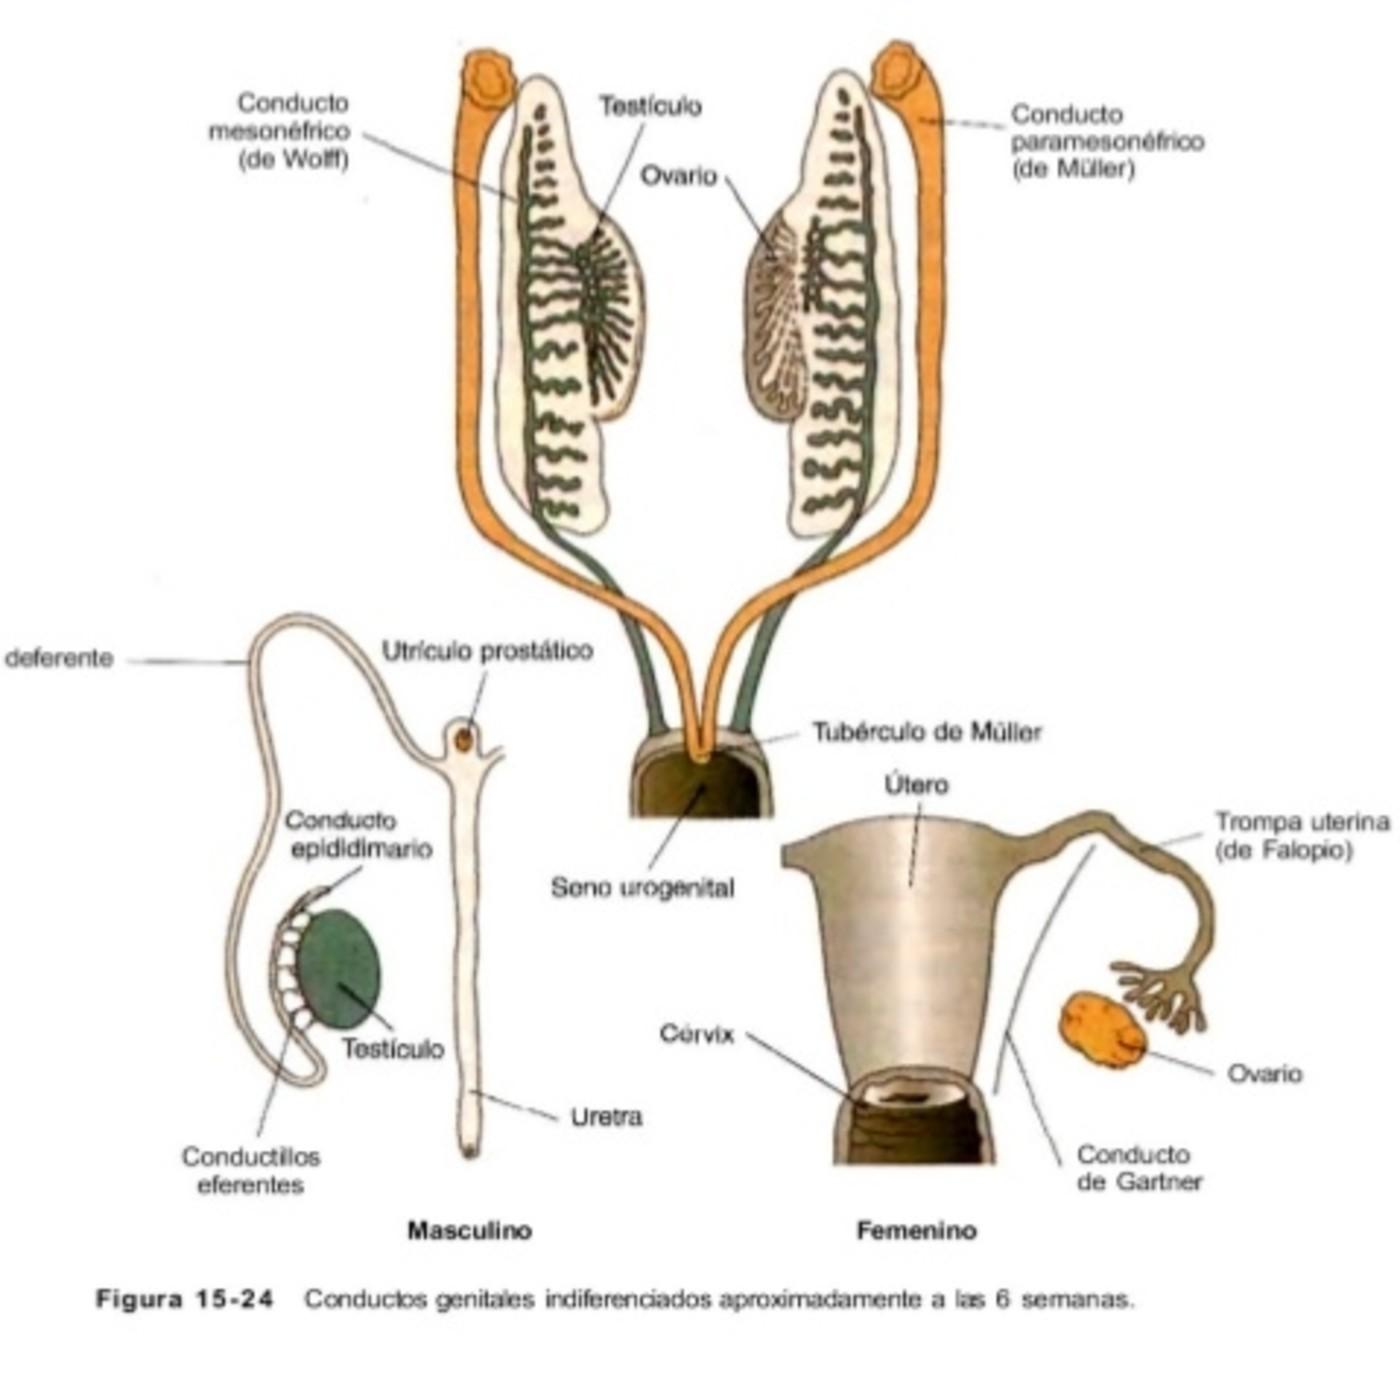 Sistema Genital Y Conductos Genitales en Embriología Sistema Genital ...